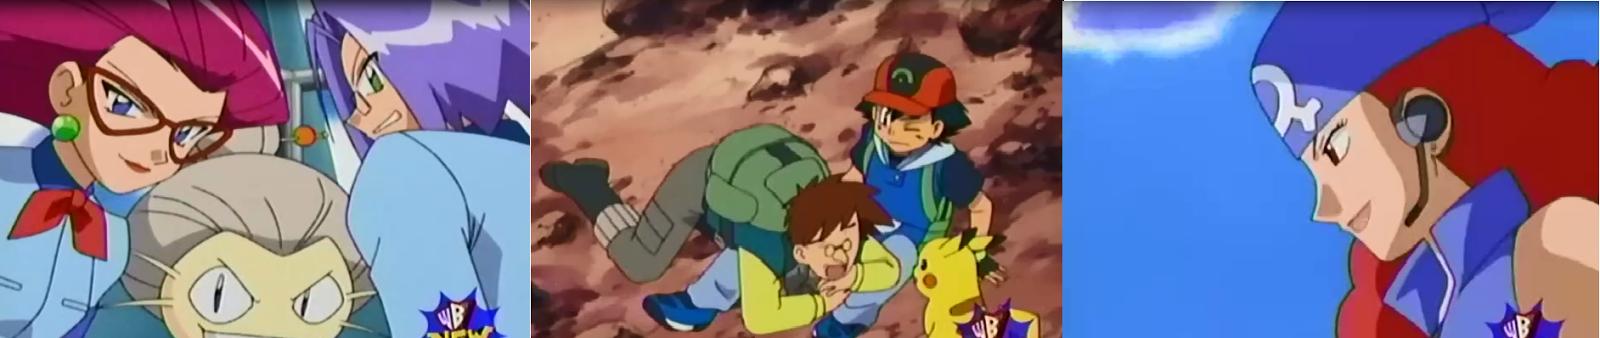 Pokemon Capitulo 14 Temporada 7 La Guerra Por El Meteorito